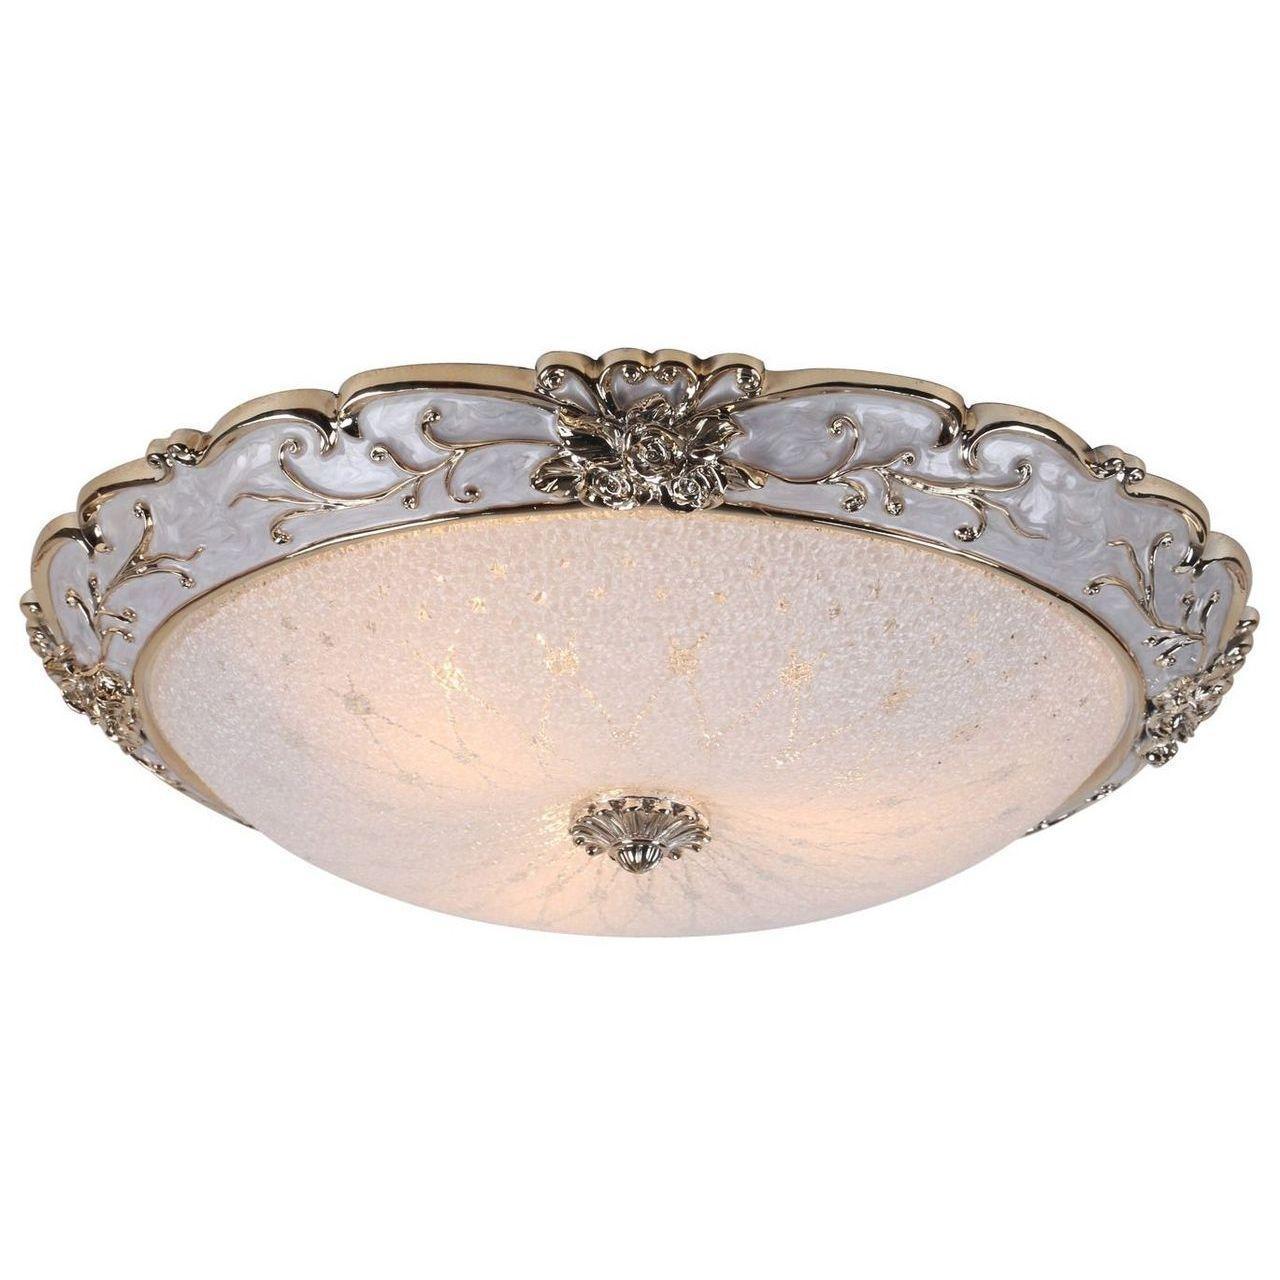 Потолочный светильник Arte Lamp Torta Lux A7135PL-3WH светильник потолочный arte lamp torta lux a7135pl 3wh 4650071252004